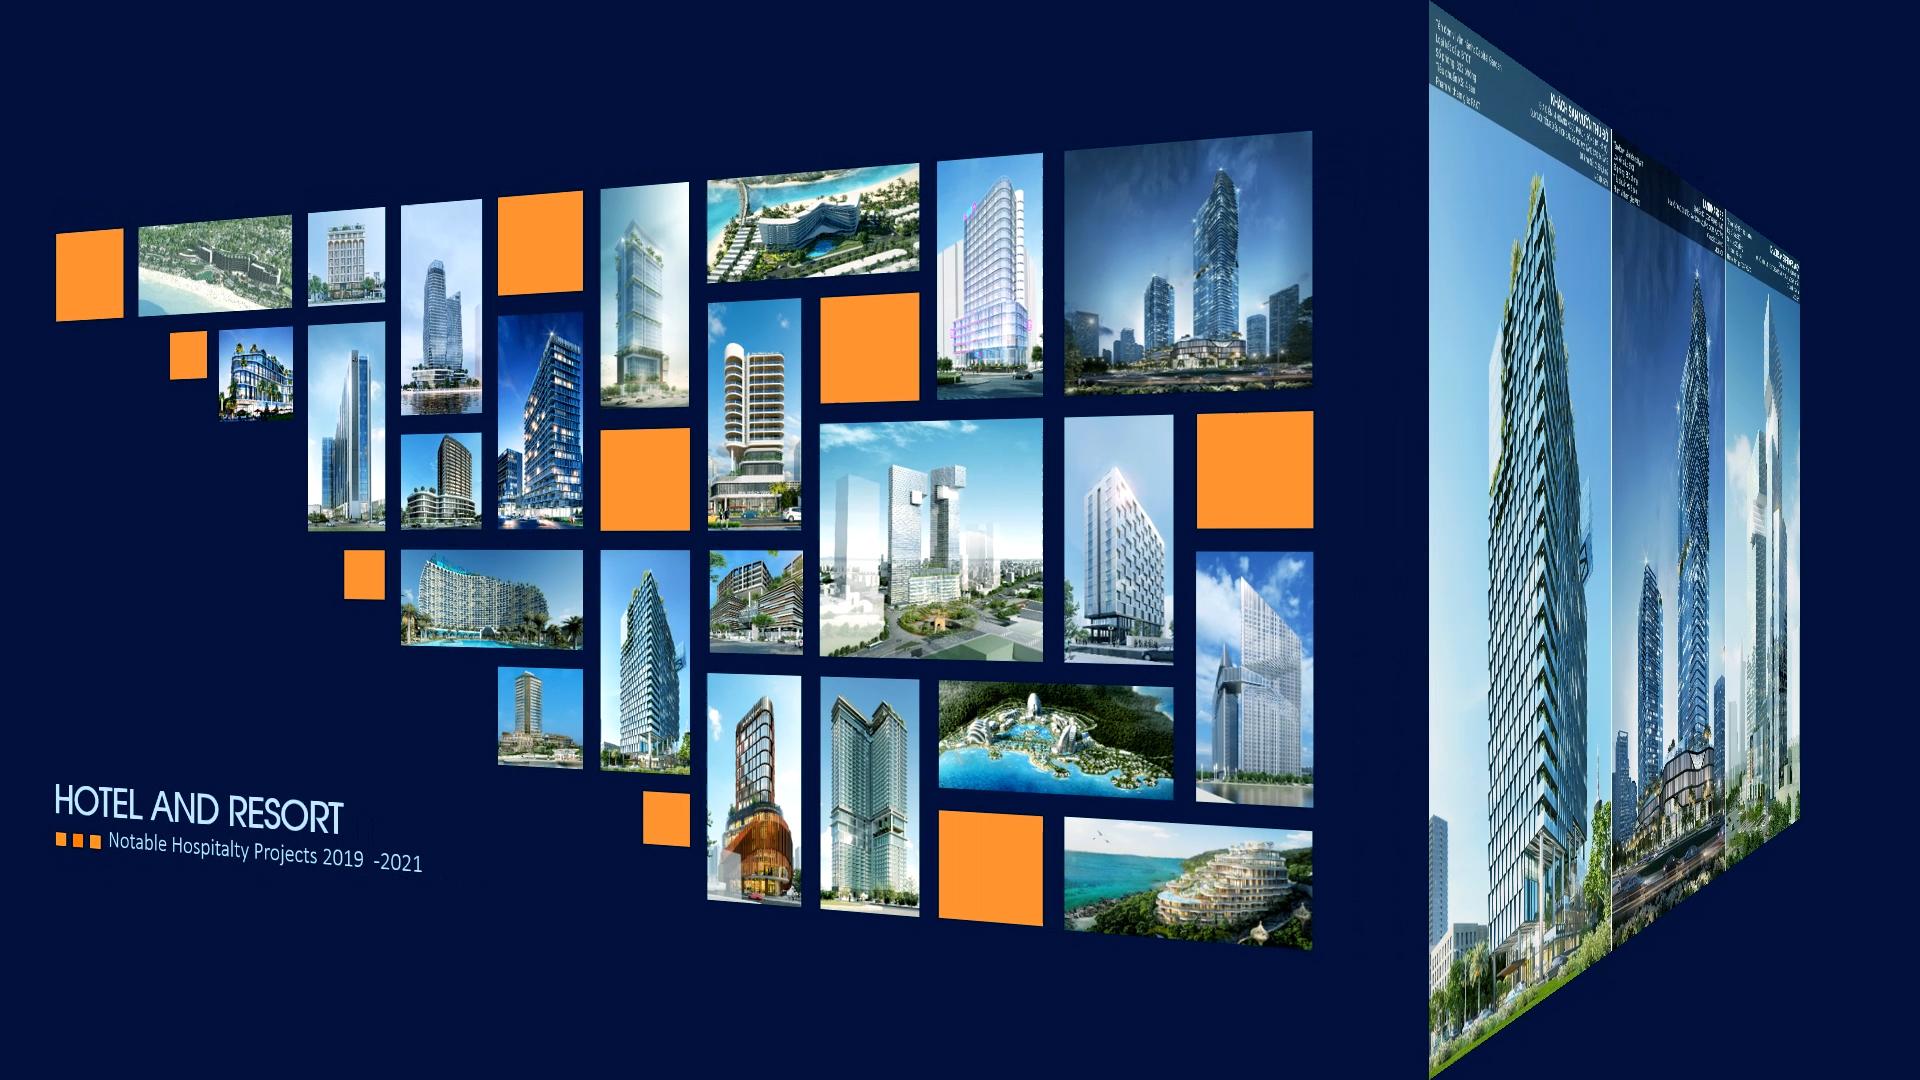 VNCC – Giới thiệu một số dự án khách sạn, khu nghỉ dưỡng tiêu biểu 2019 – 2021